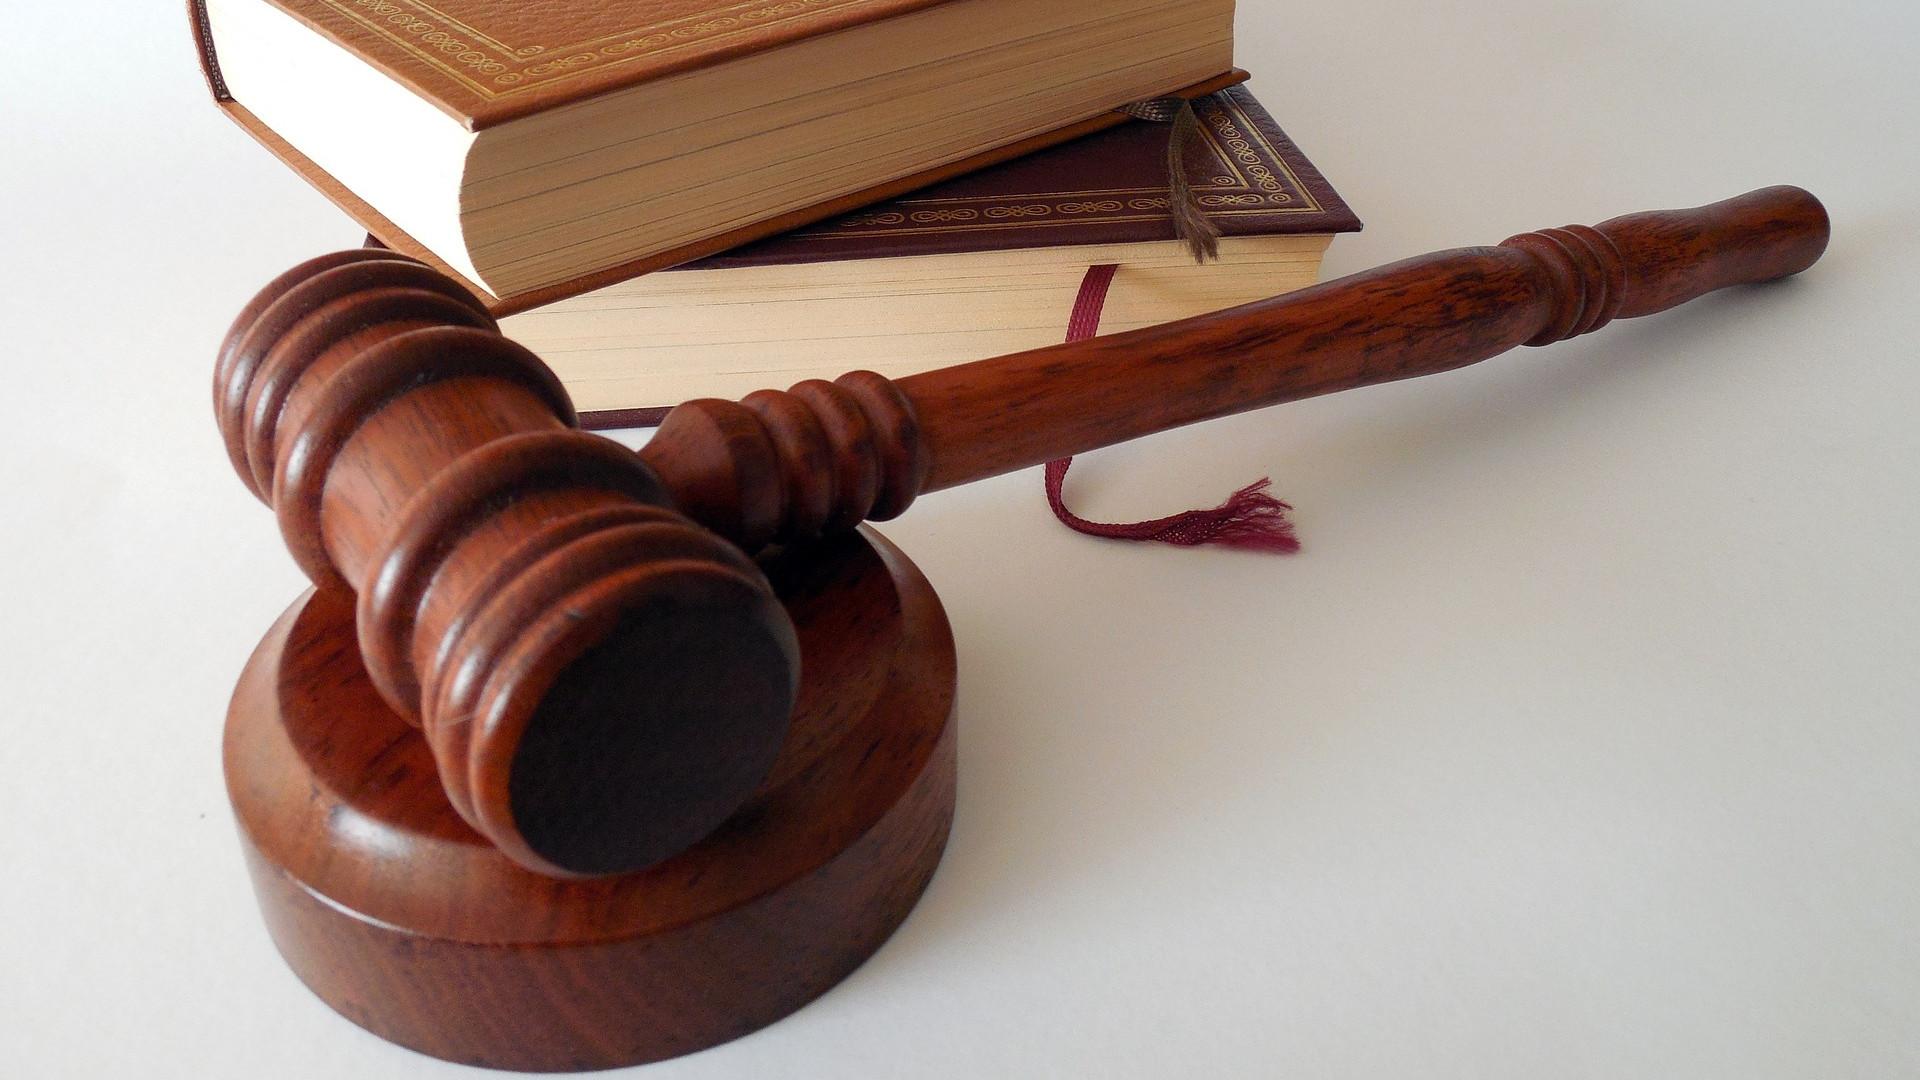 Арбитраж признал законным постановление Госжилинспекции в отношении УК в Раменском округе